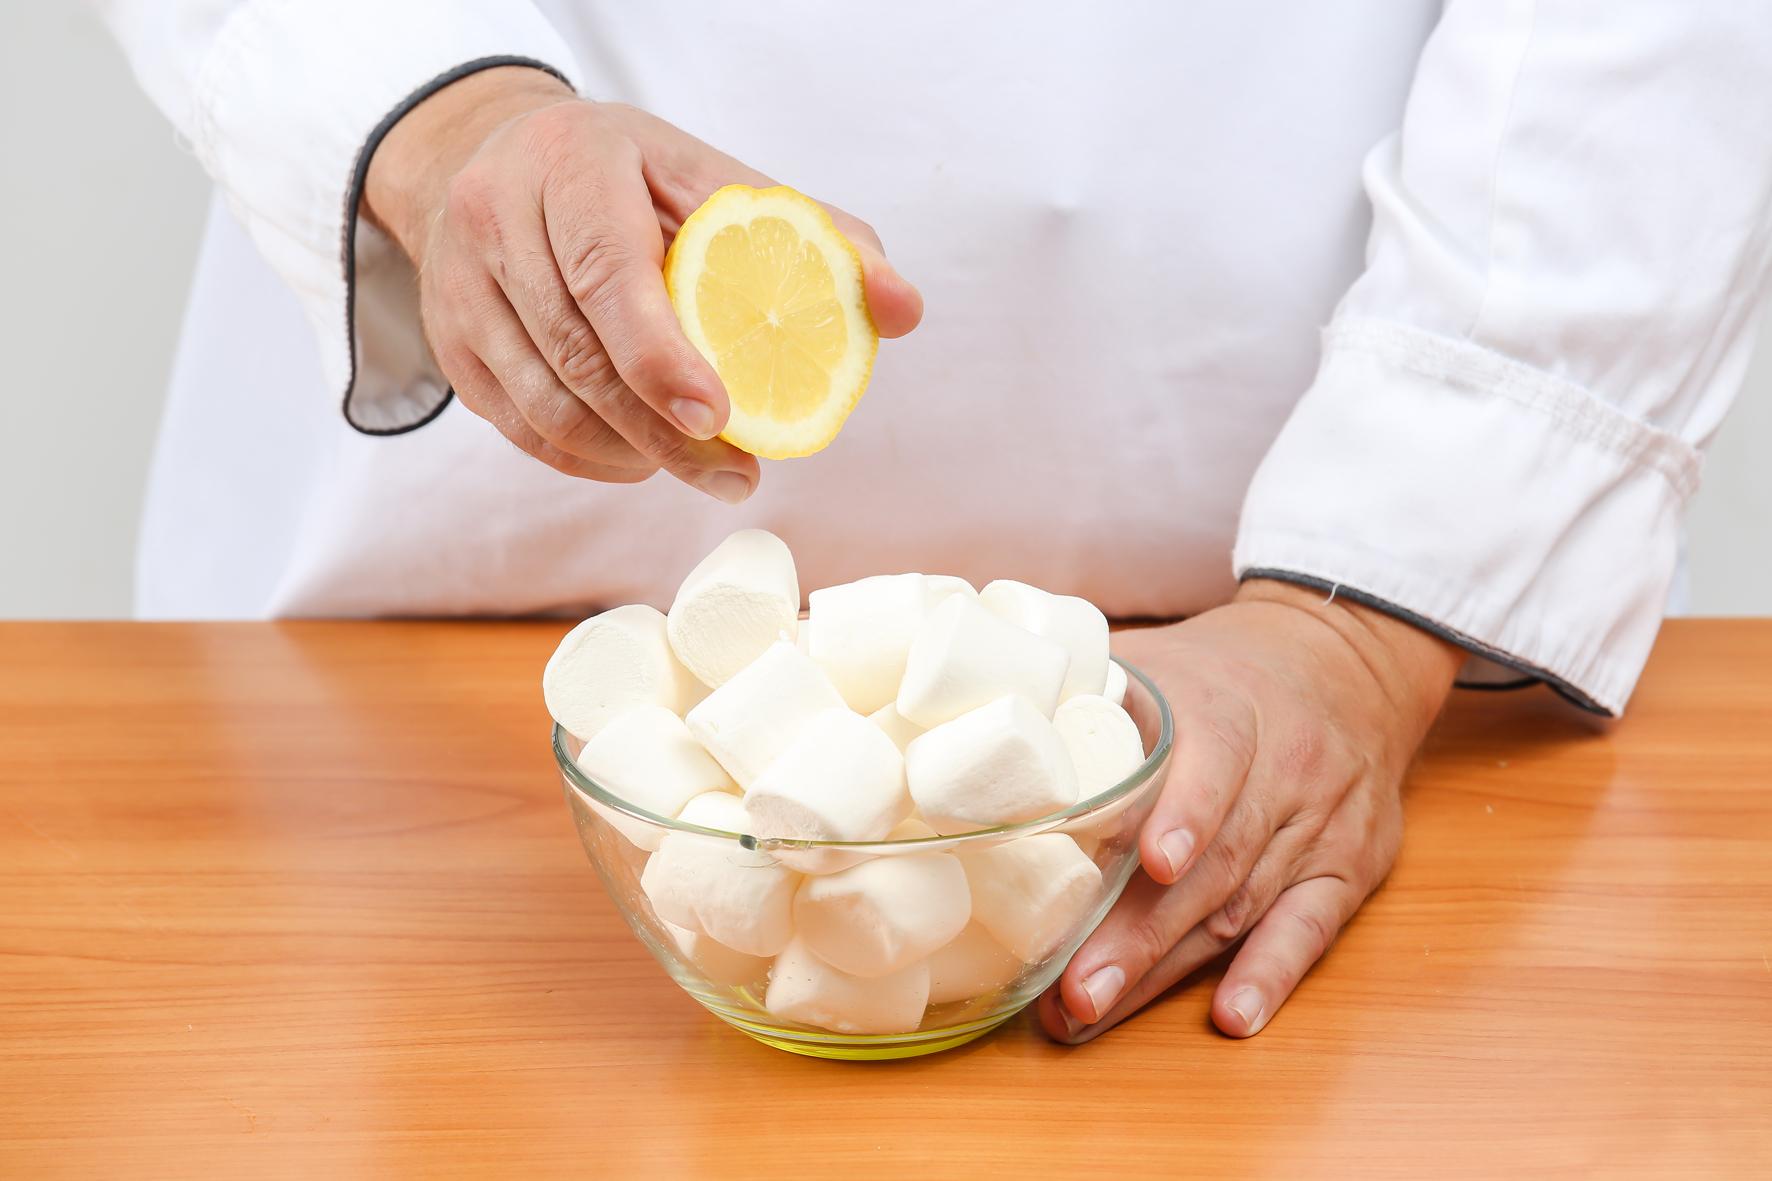 Марципан Рецепт приготовления в домашних условиях 53